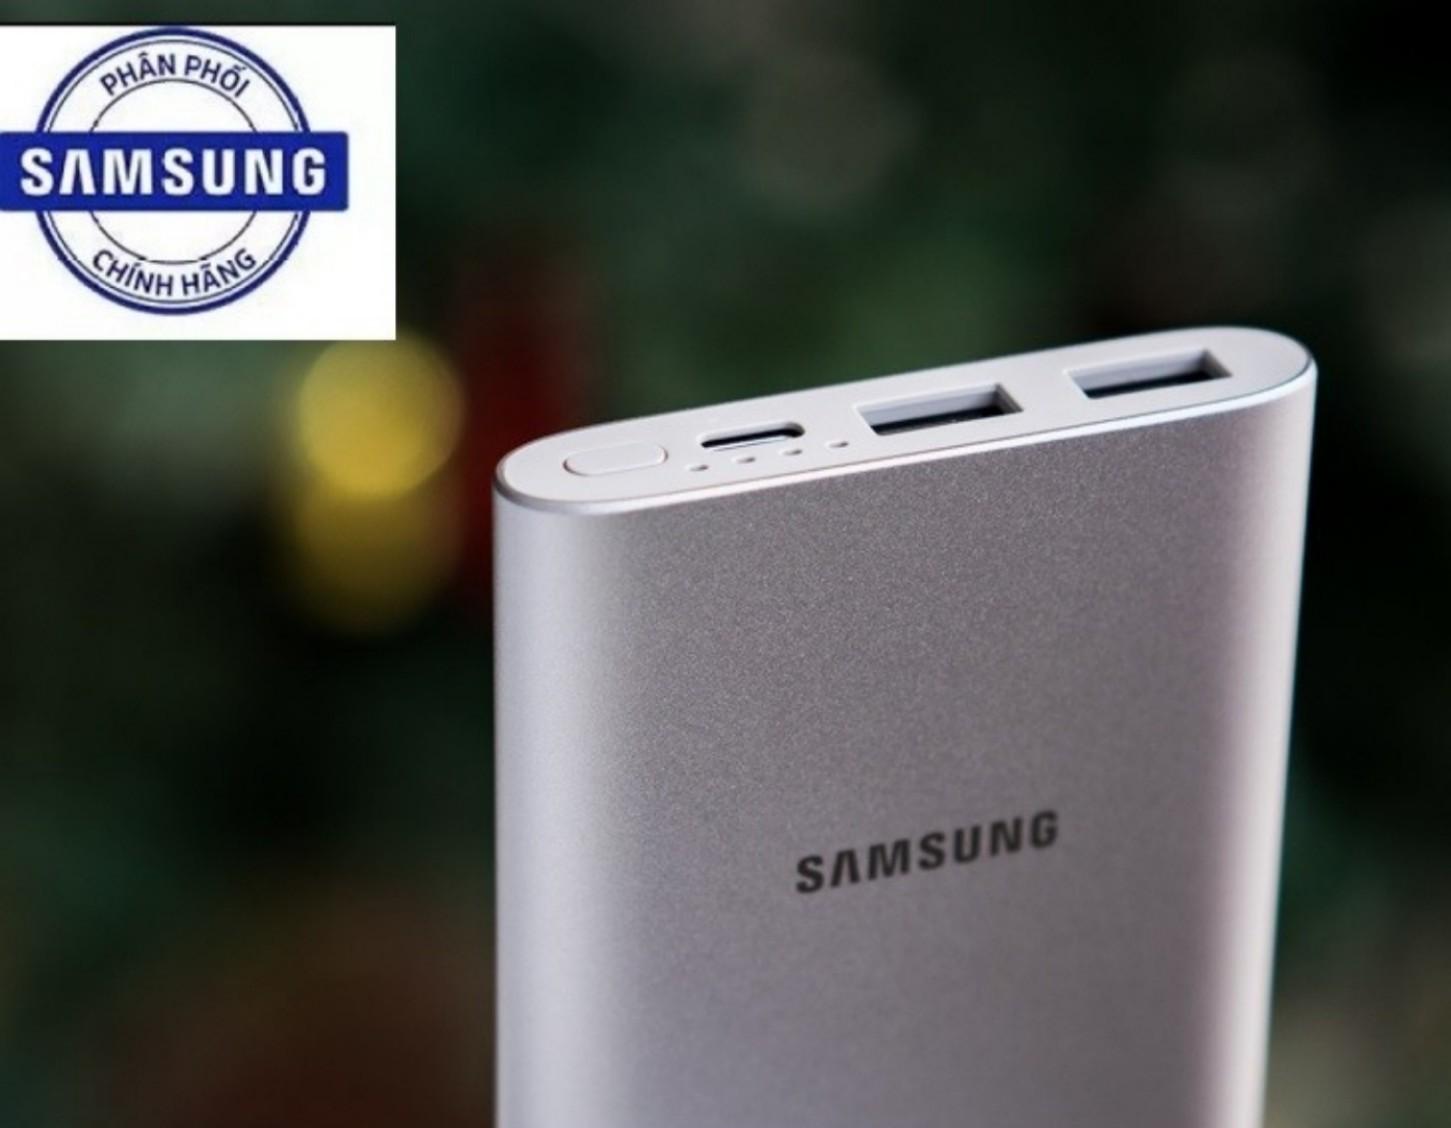 PIN SẠC DỰ PHÒNG Samsung-10000mAh EB-P1100CSEGWW Chính hãng